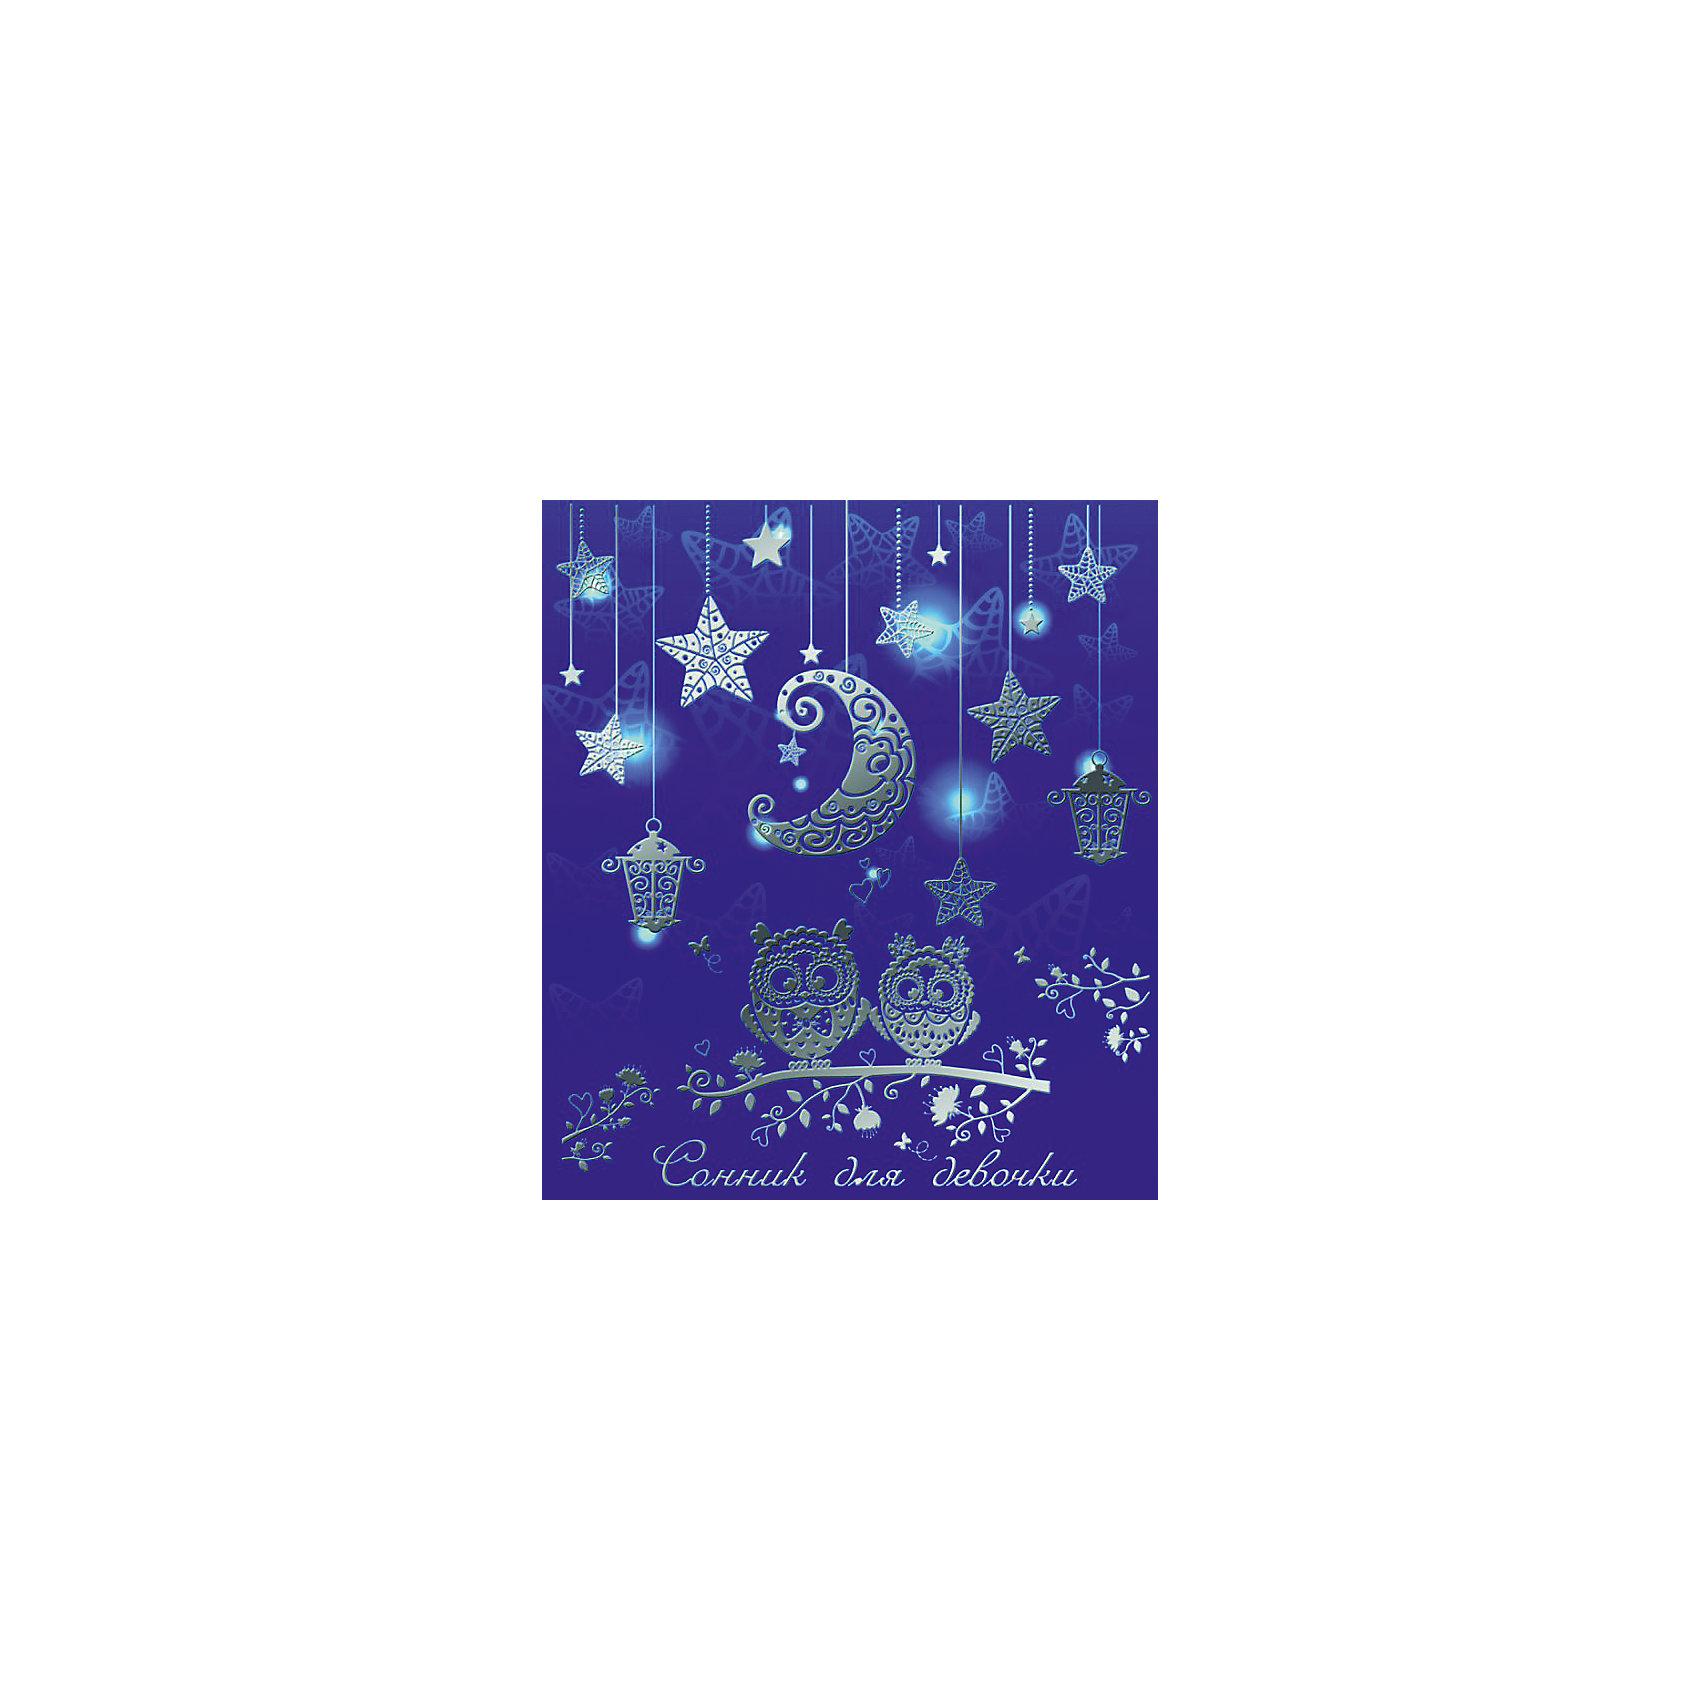 Сонник для девочки Сказочный сонПрекрасный сонник для юной принцессы! В нем Вы сможете узнать подробное толкование сна малышки.<br><br>Дополнительная информация:<br><br>- Возраст: от 6 лет.<br>- Издательство: Феникс.<br>- 256 страниц.<br>- Год издания: 2014 г.<br>- Переплет: твердый.<br>- Материал: картон, бумага.<br>- Формат: А6.<br>- ISBN: 4606008280930.<br>- Размер упаковки: 1,3х15,2х17,1 см.<br>- Вес в упаковке: 272 г. <br><br>Купить сонник для девочки Сказочный сон можно в нашем магазине.<br><br>Ширина мм: 13<br>Глубина мм: 152<br>Высота мм: 171<br>Вес г: 272<br>Возраст от месяцев: 72<br>Возраст до месяцев: 2147483647<br>Пол: Женский<br>Возраст: Детский<br>SKU: 4943437